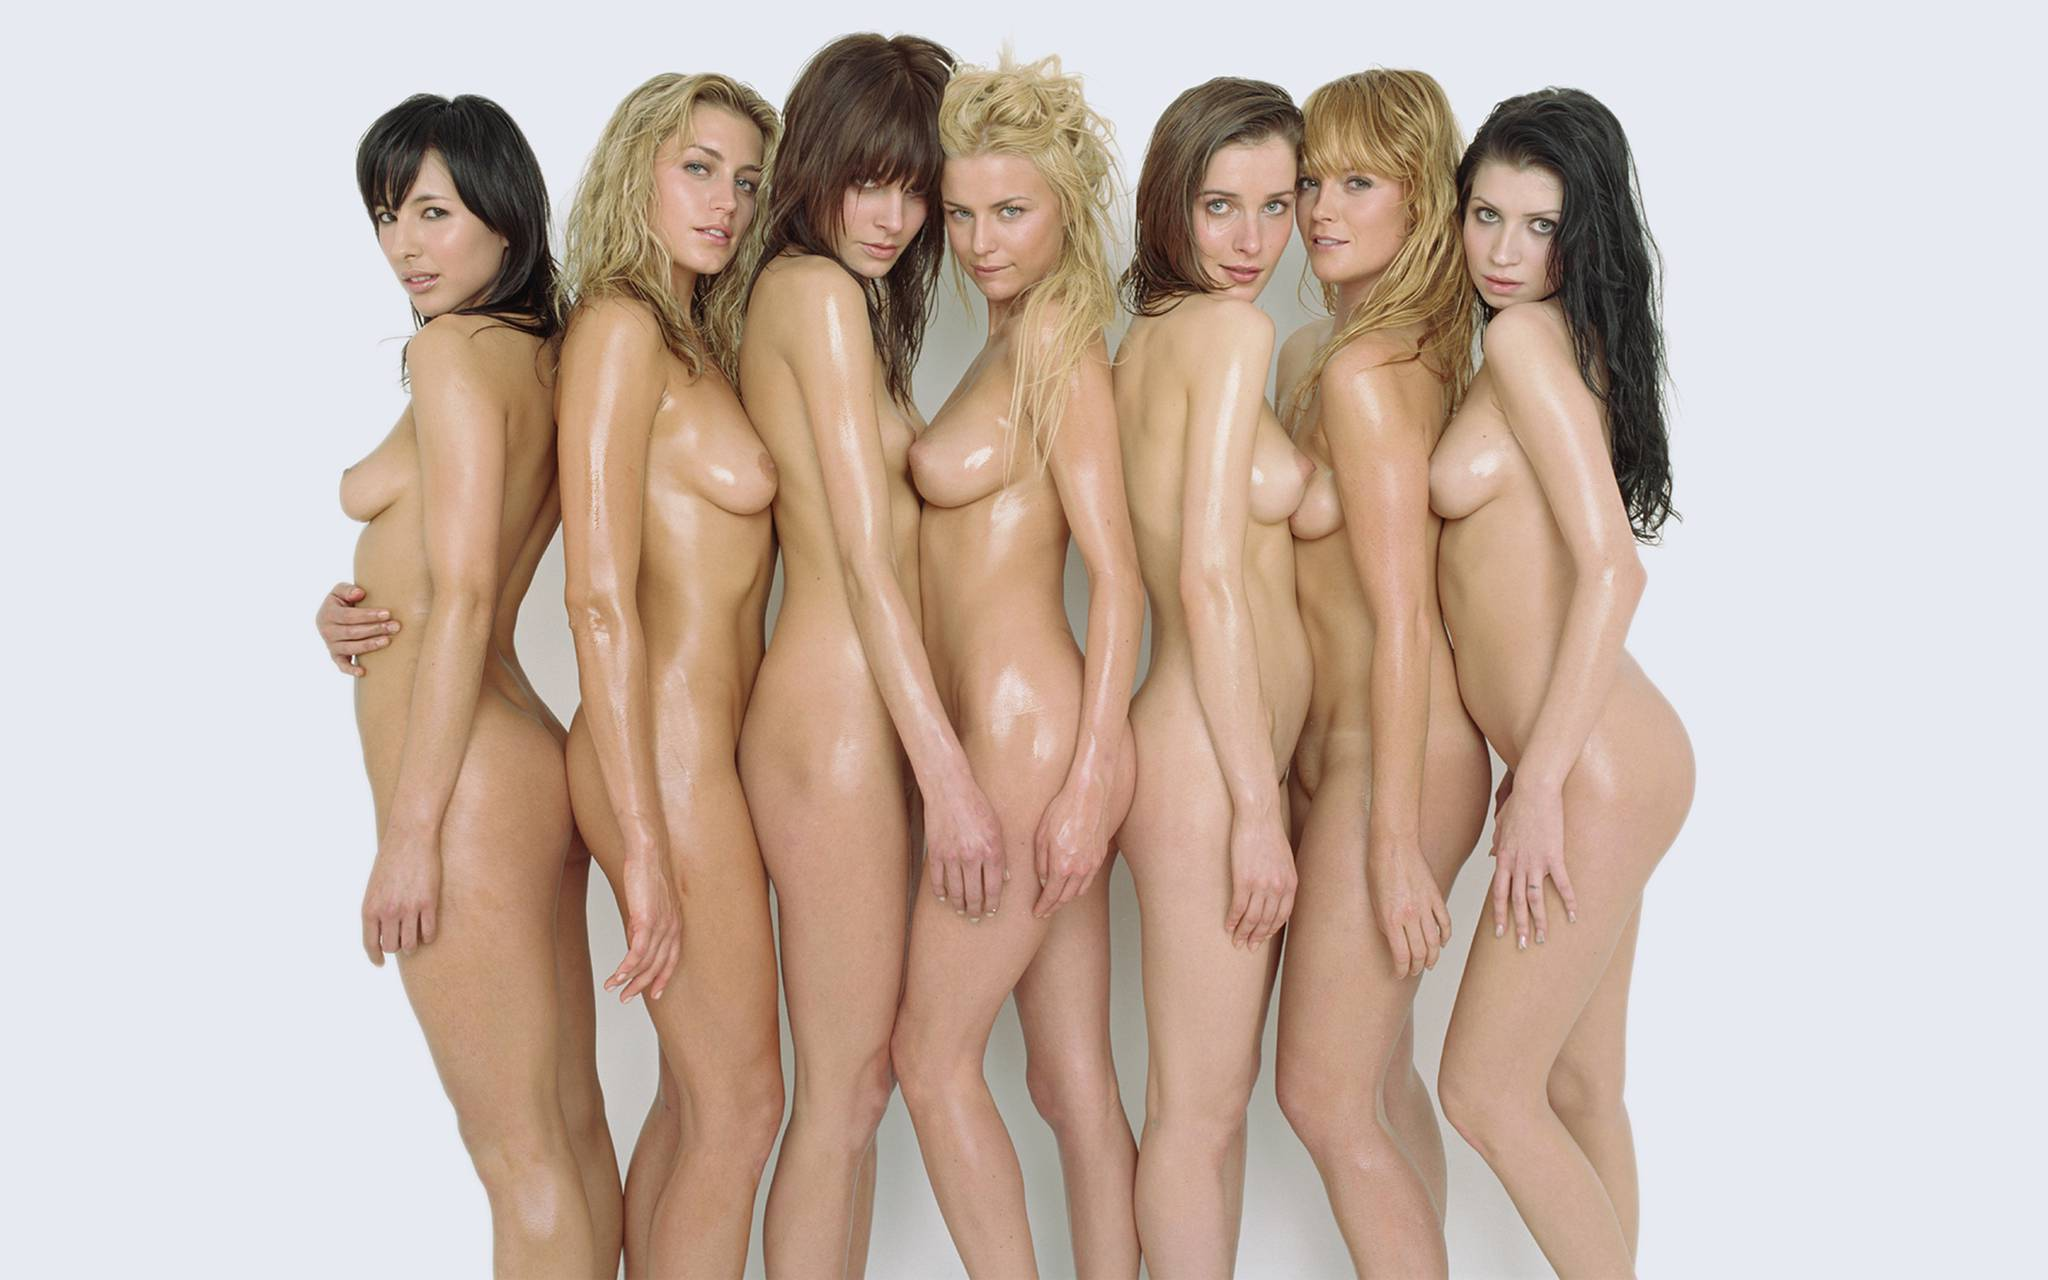 【複数ヌードエロ画像】全裸のお姉ちゃんが並んで立ってるだけで幸せになれるwww 11